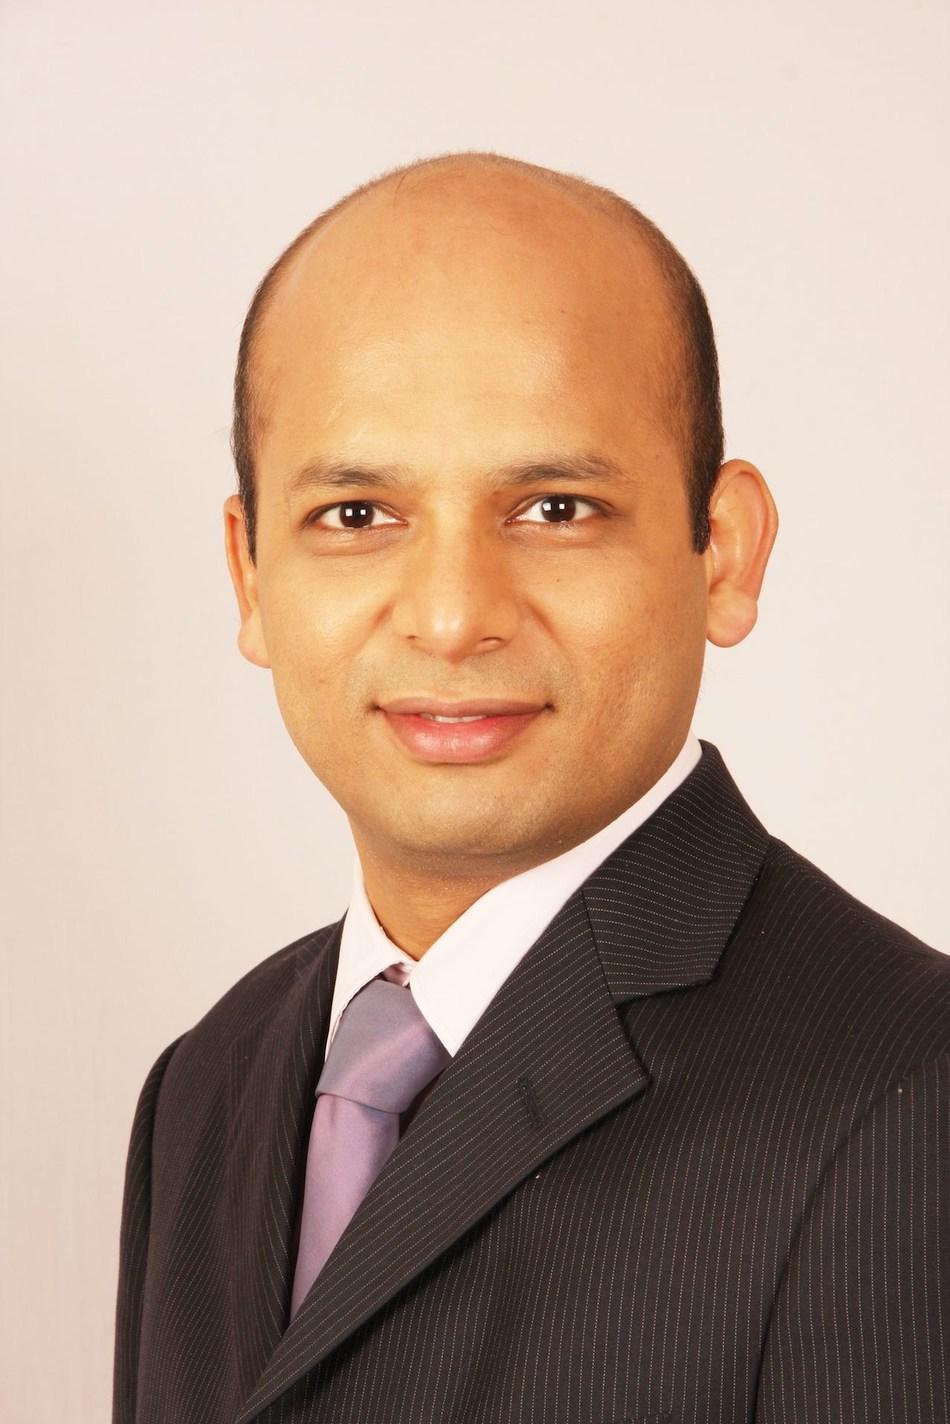 Vishal Gupta, CEO, Seclore (PRNewsfoto/Seclore)